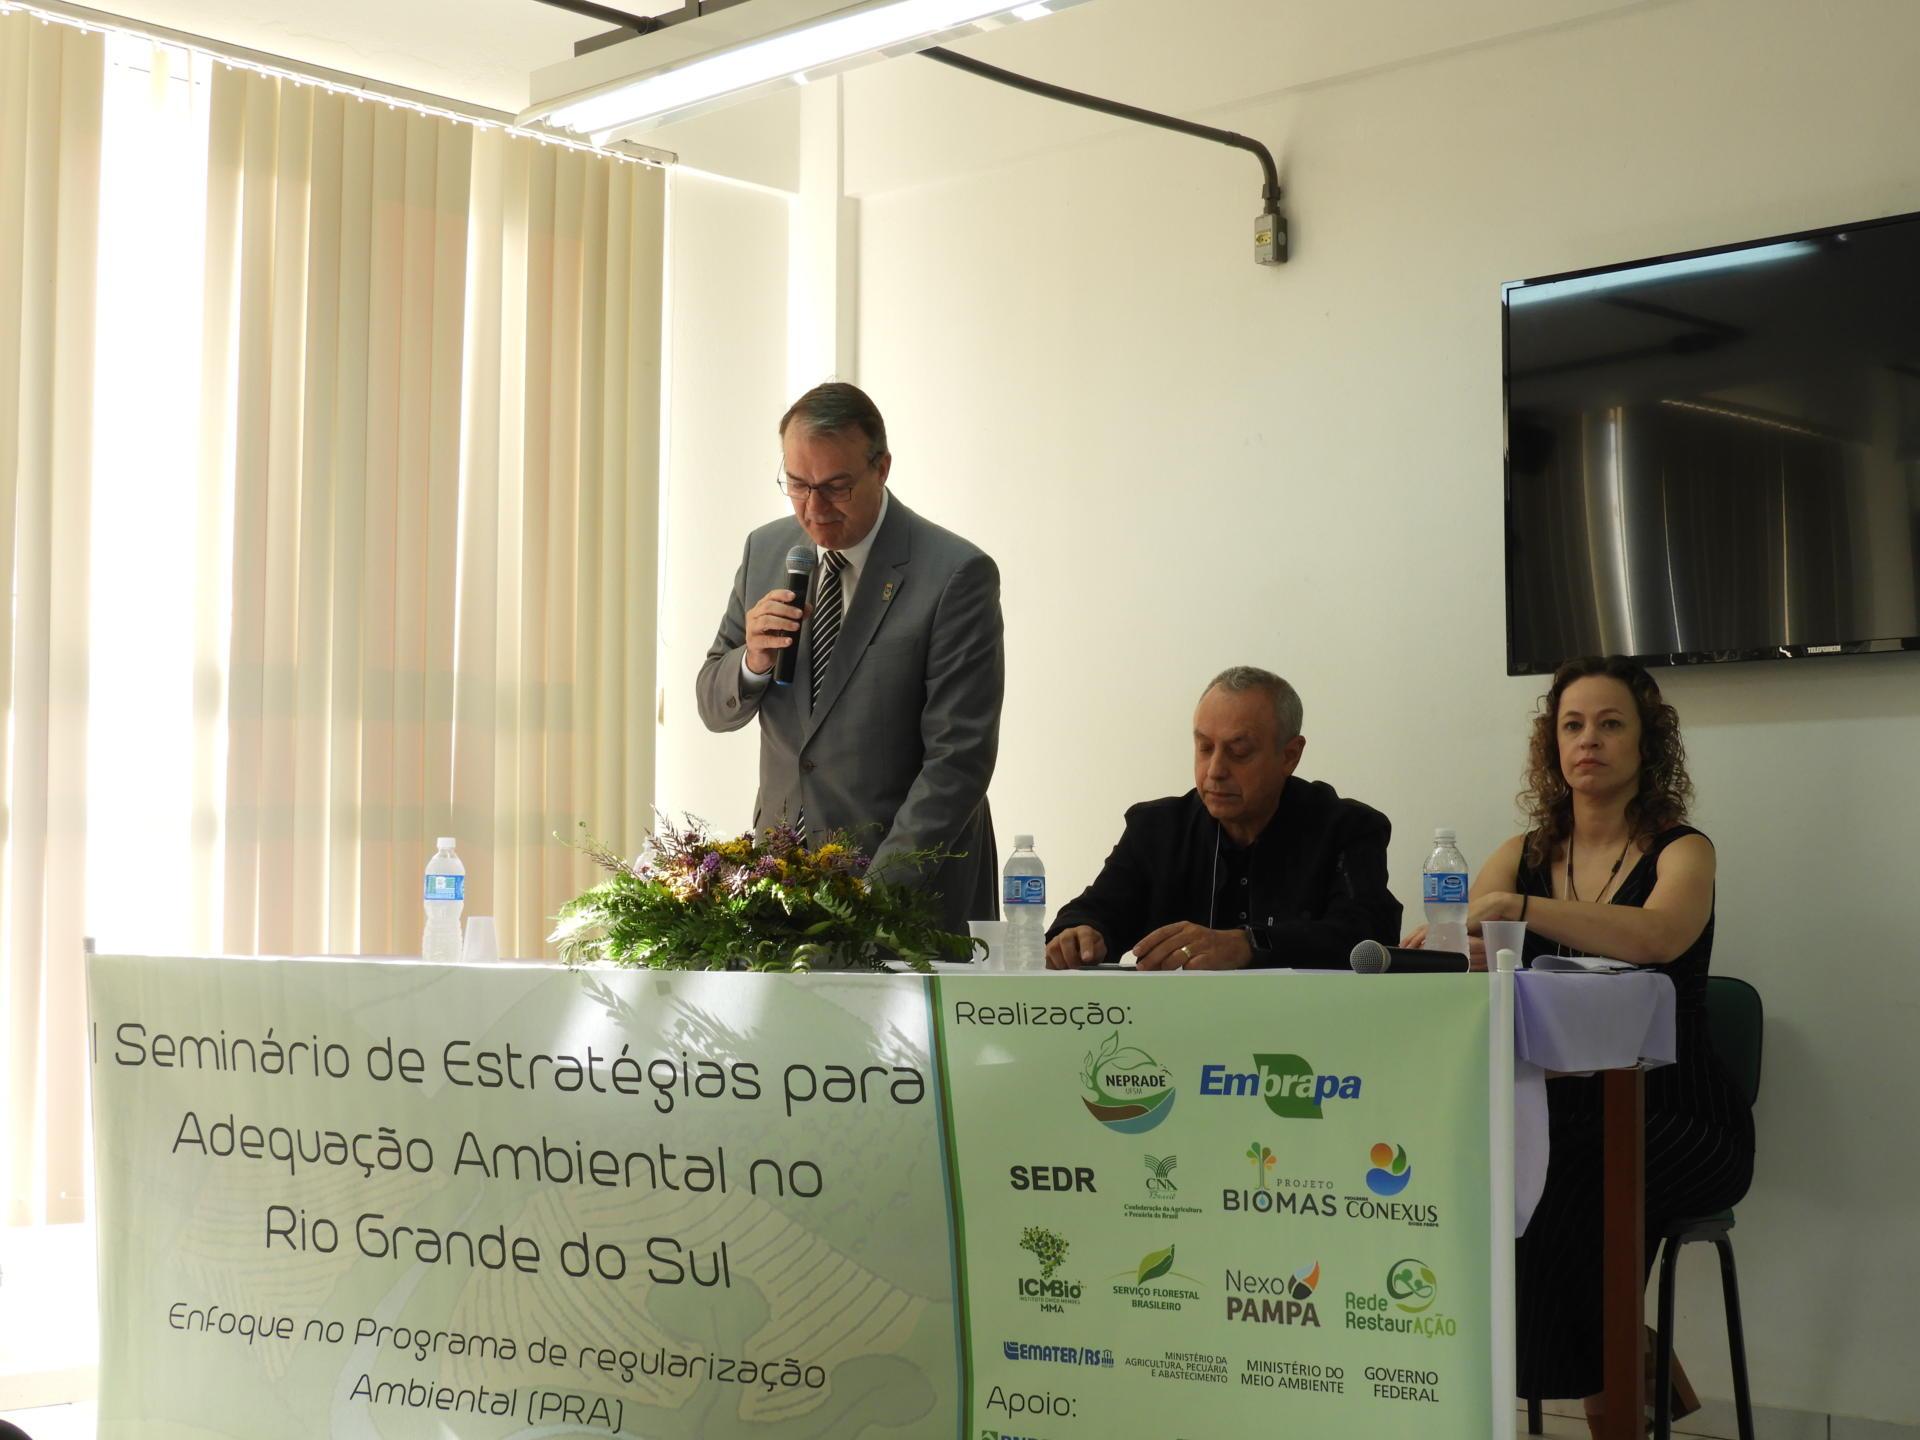 Foto horizontal colorida mostra o reitor, em pé, falando ao microfone, ao lado de outras duas pessoas sentadas à mesa oficial